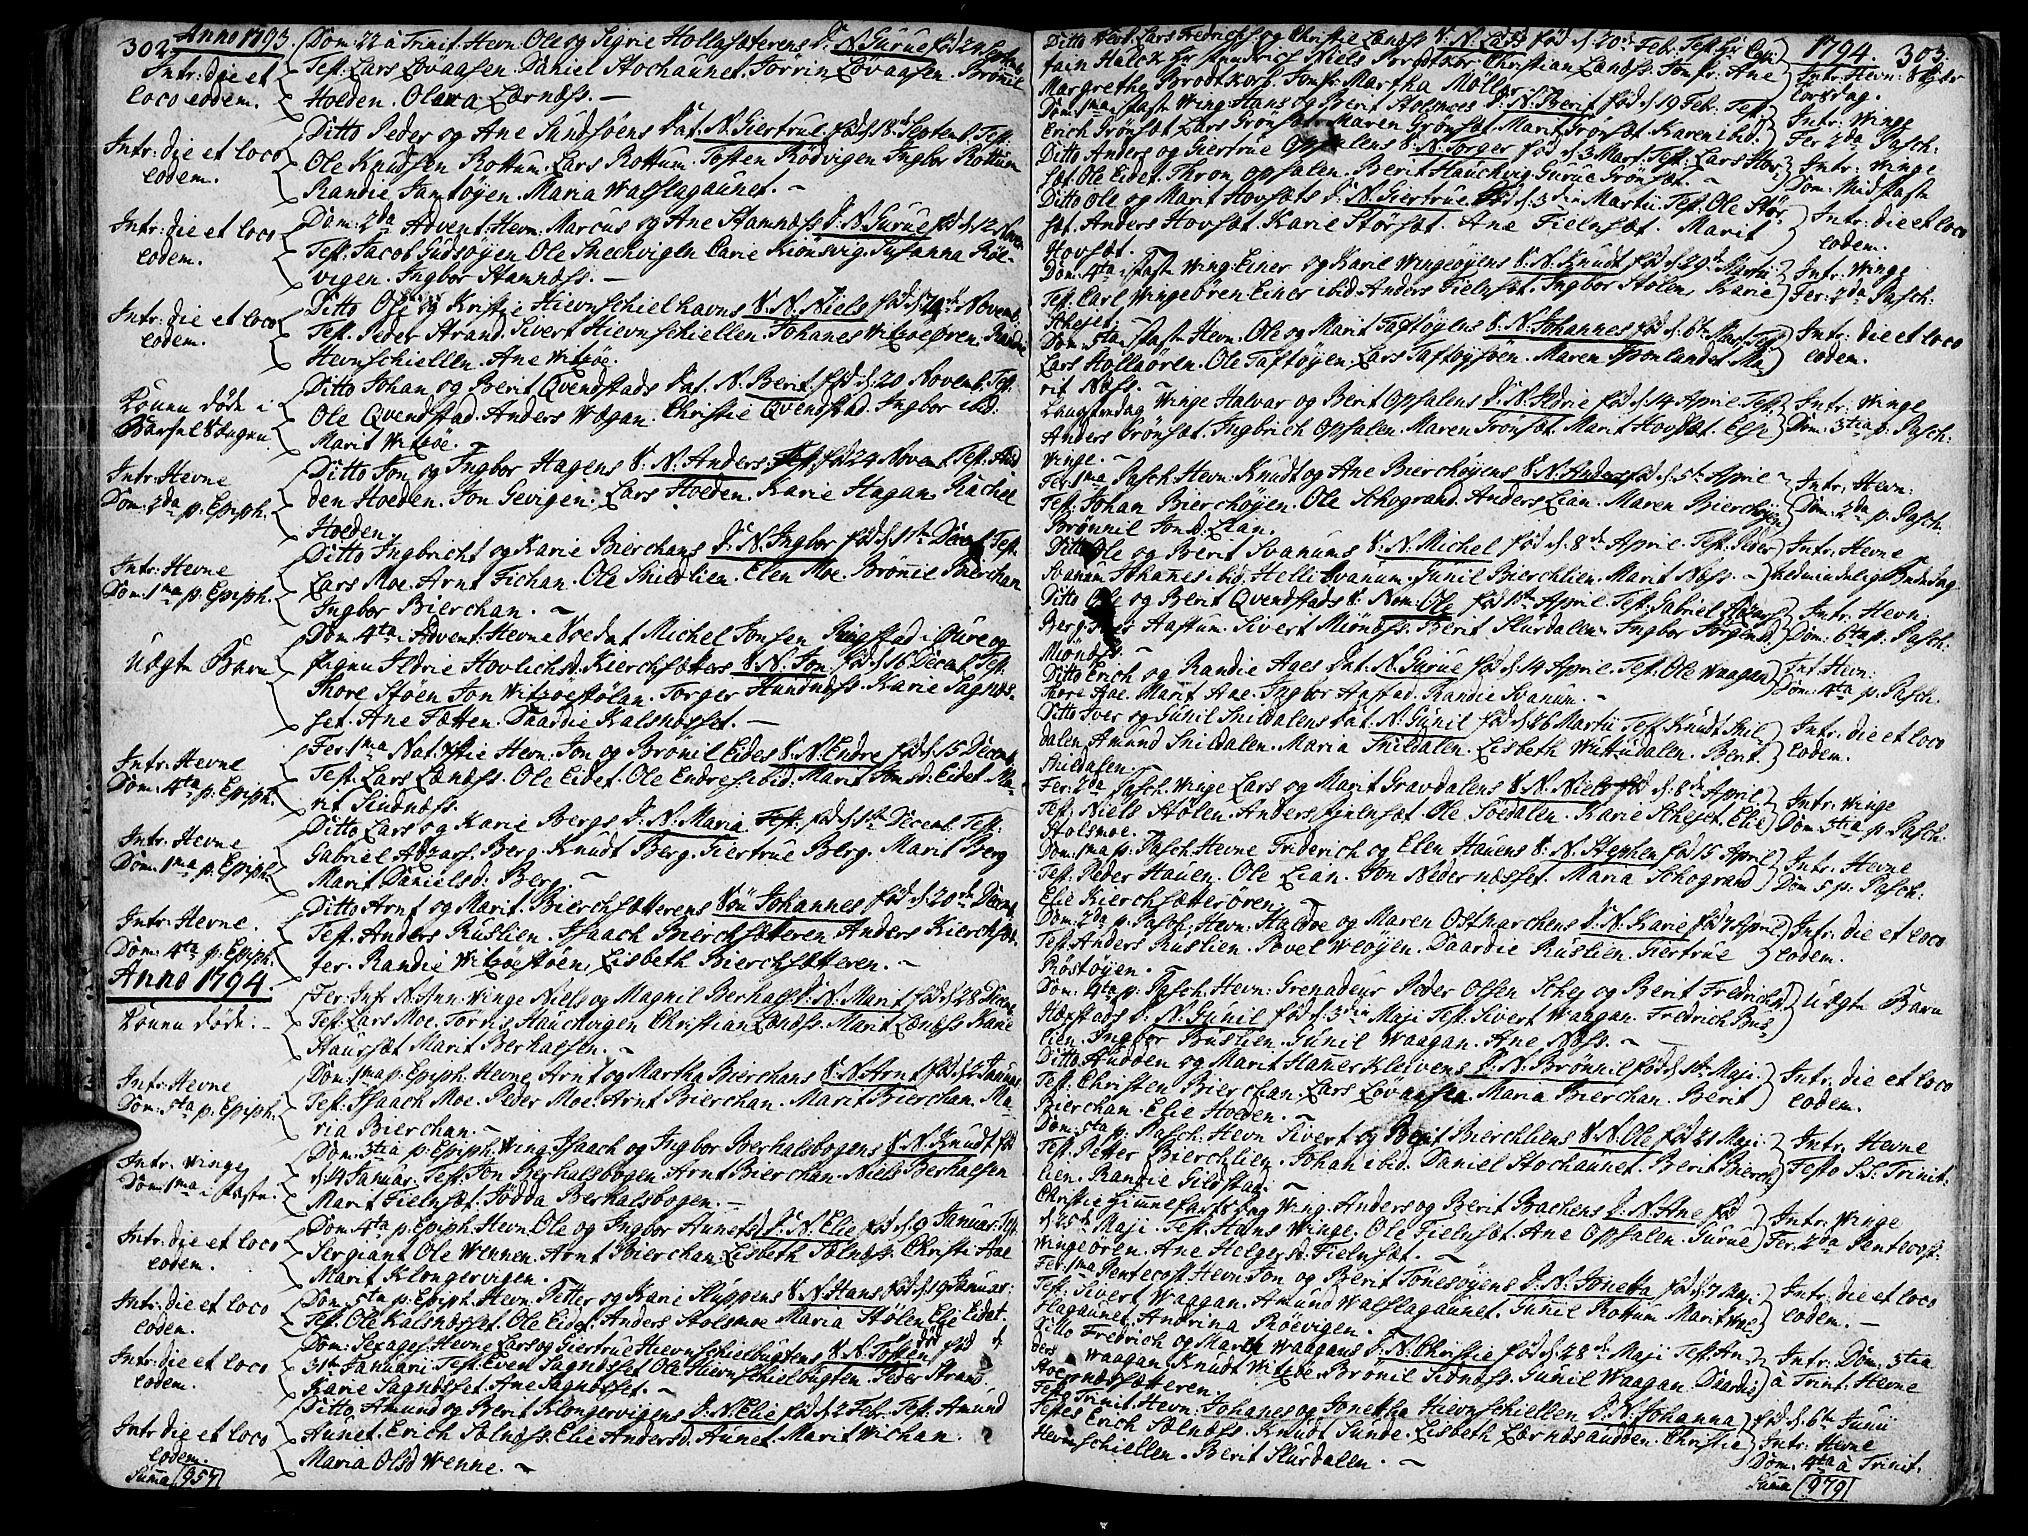 SAT, Ministerialprotokoller, klokkerbøker og fødselsregistre - Sør-Trøndelag, 630/L0489: Ministerialbok nr. 630A02, 1757-1794, s. 302-303